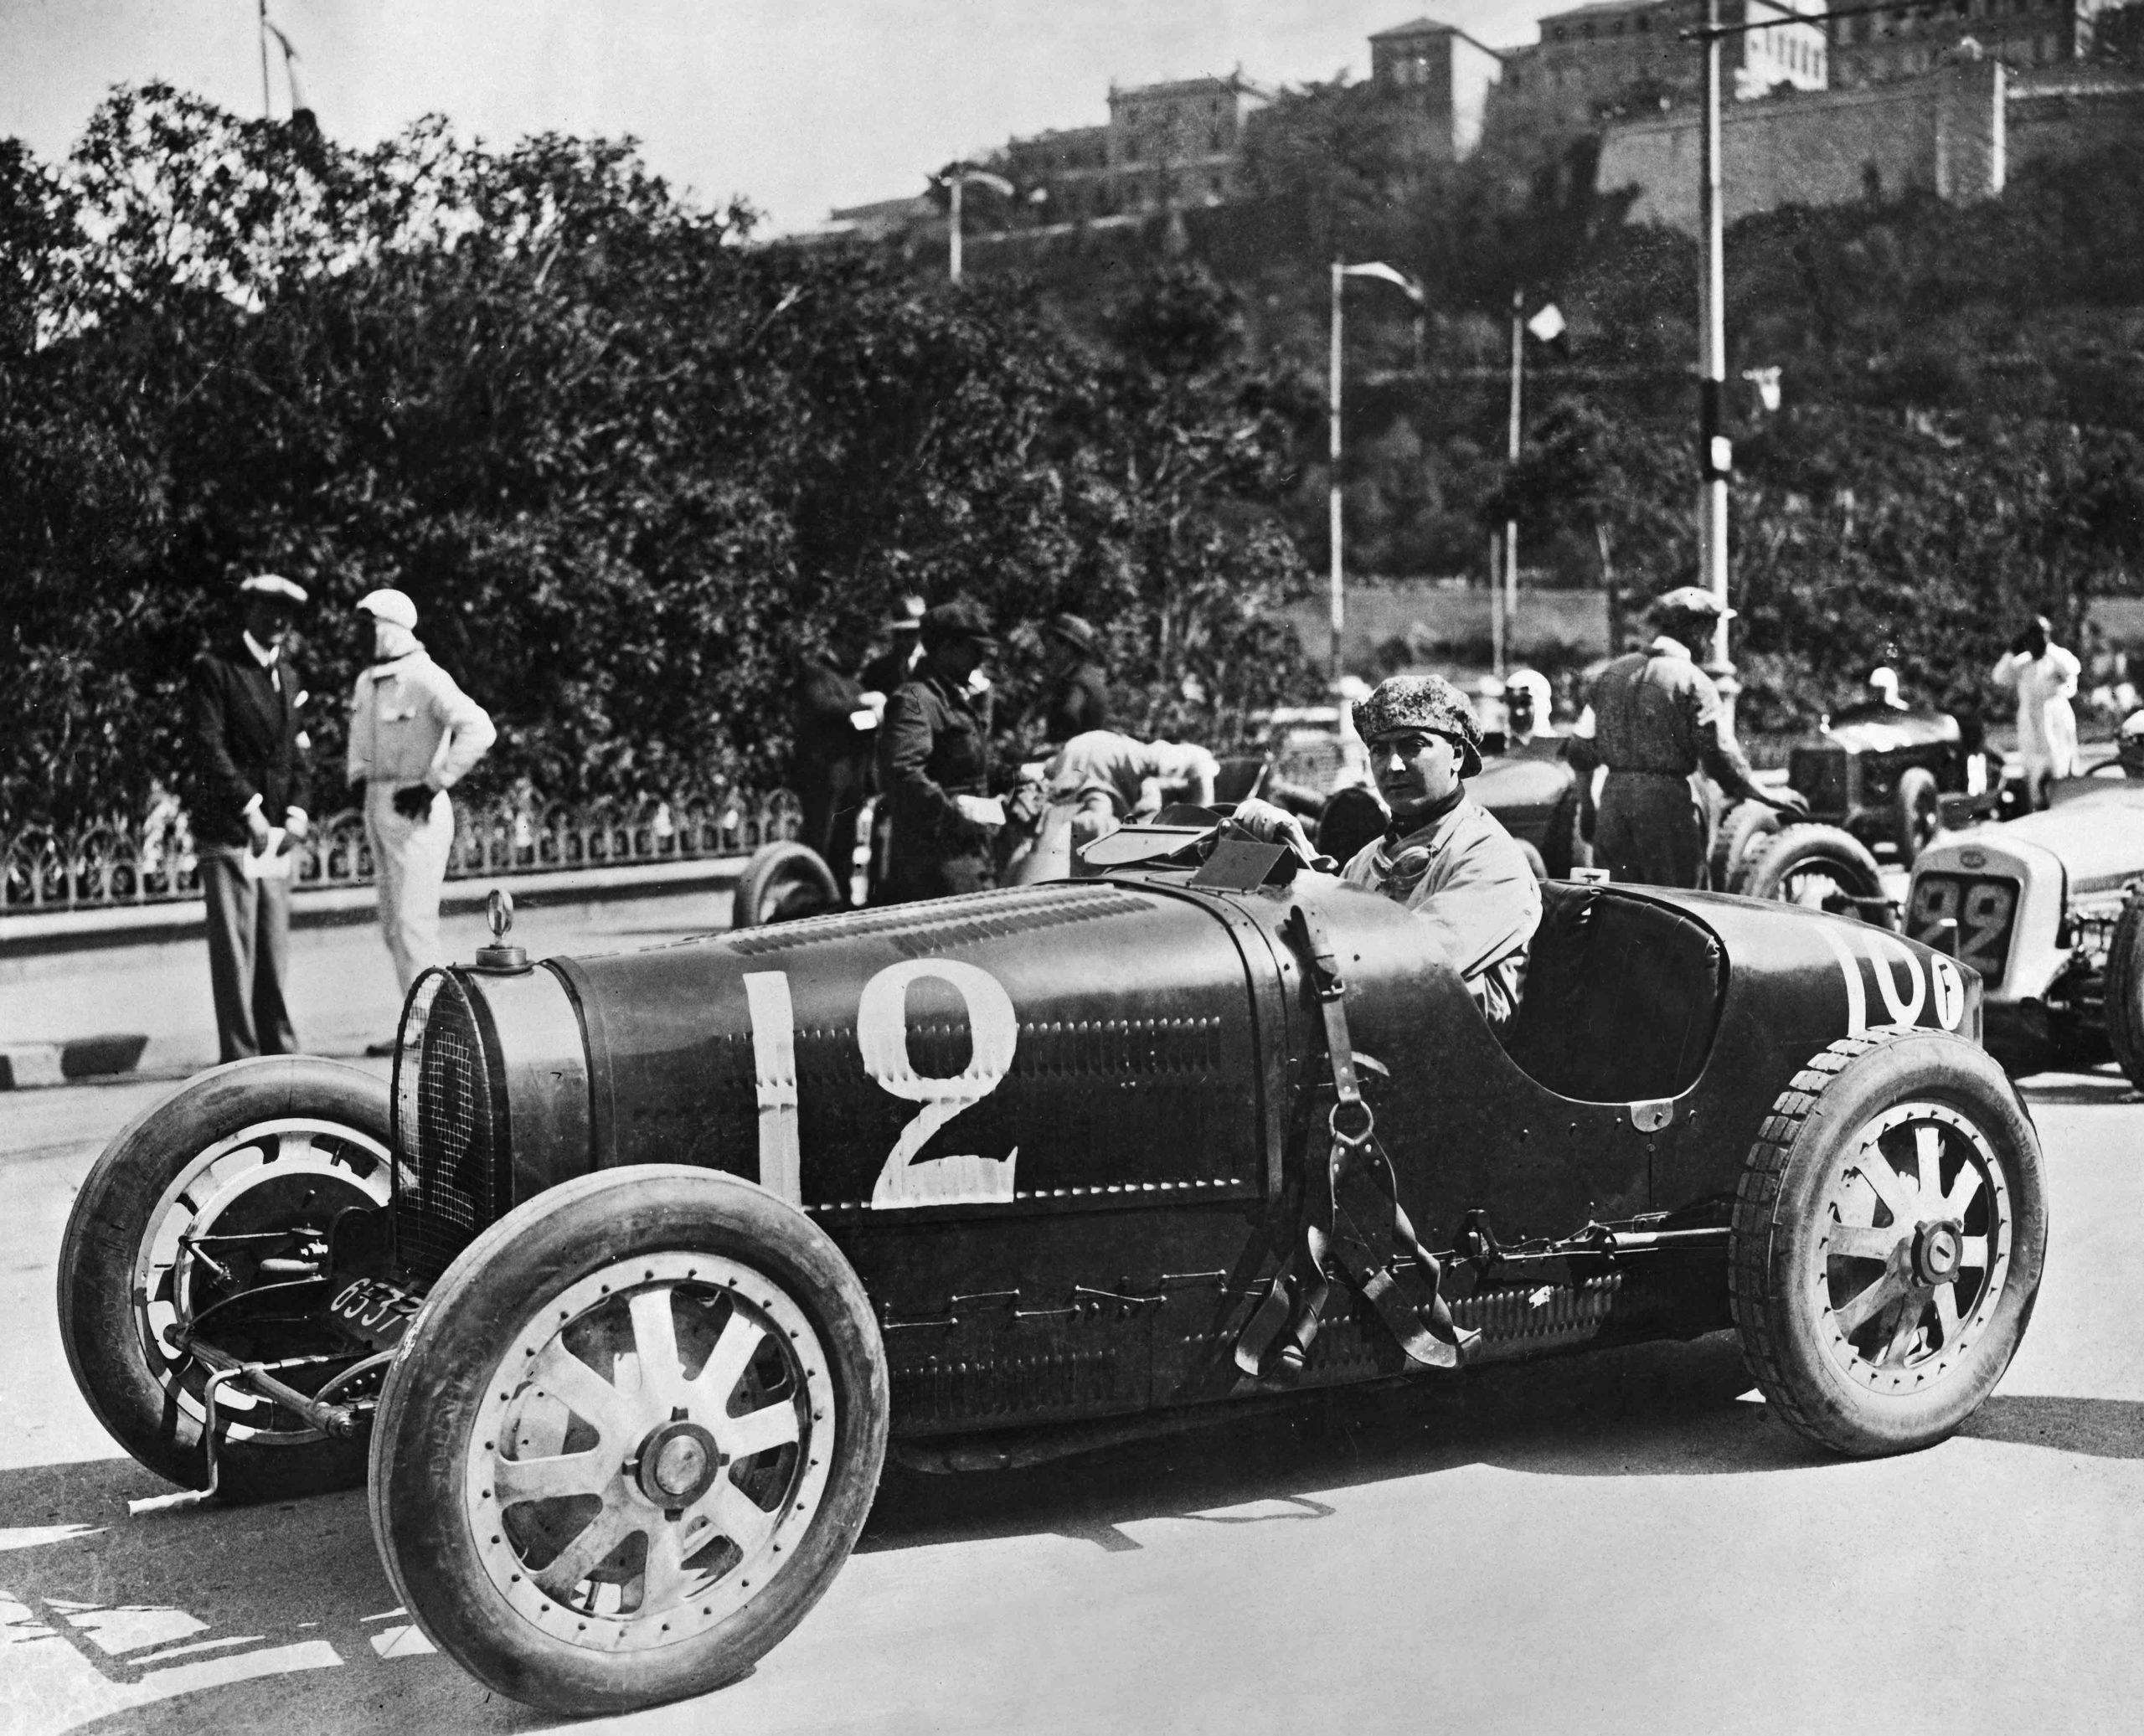 William-Grover-Williams-in-Monte-Carlo-for-the-1929-Monaco-Grand-Prix